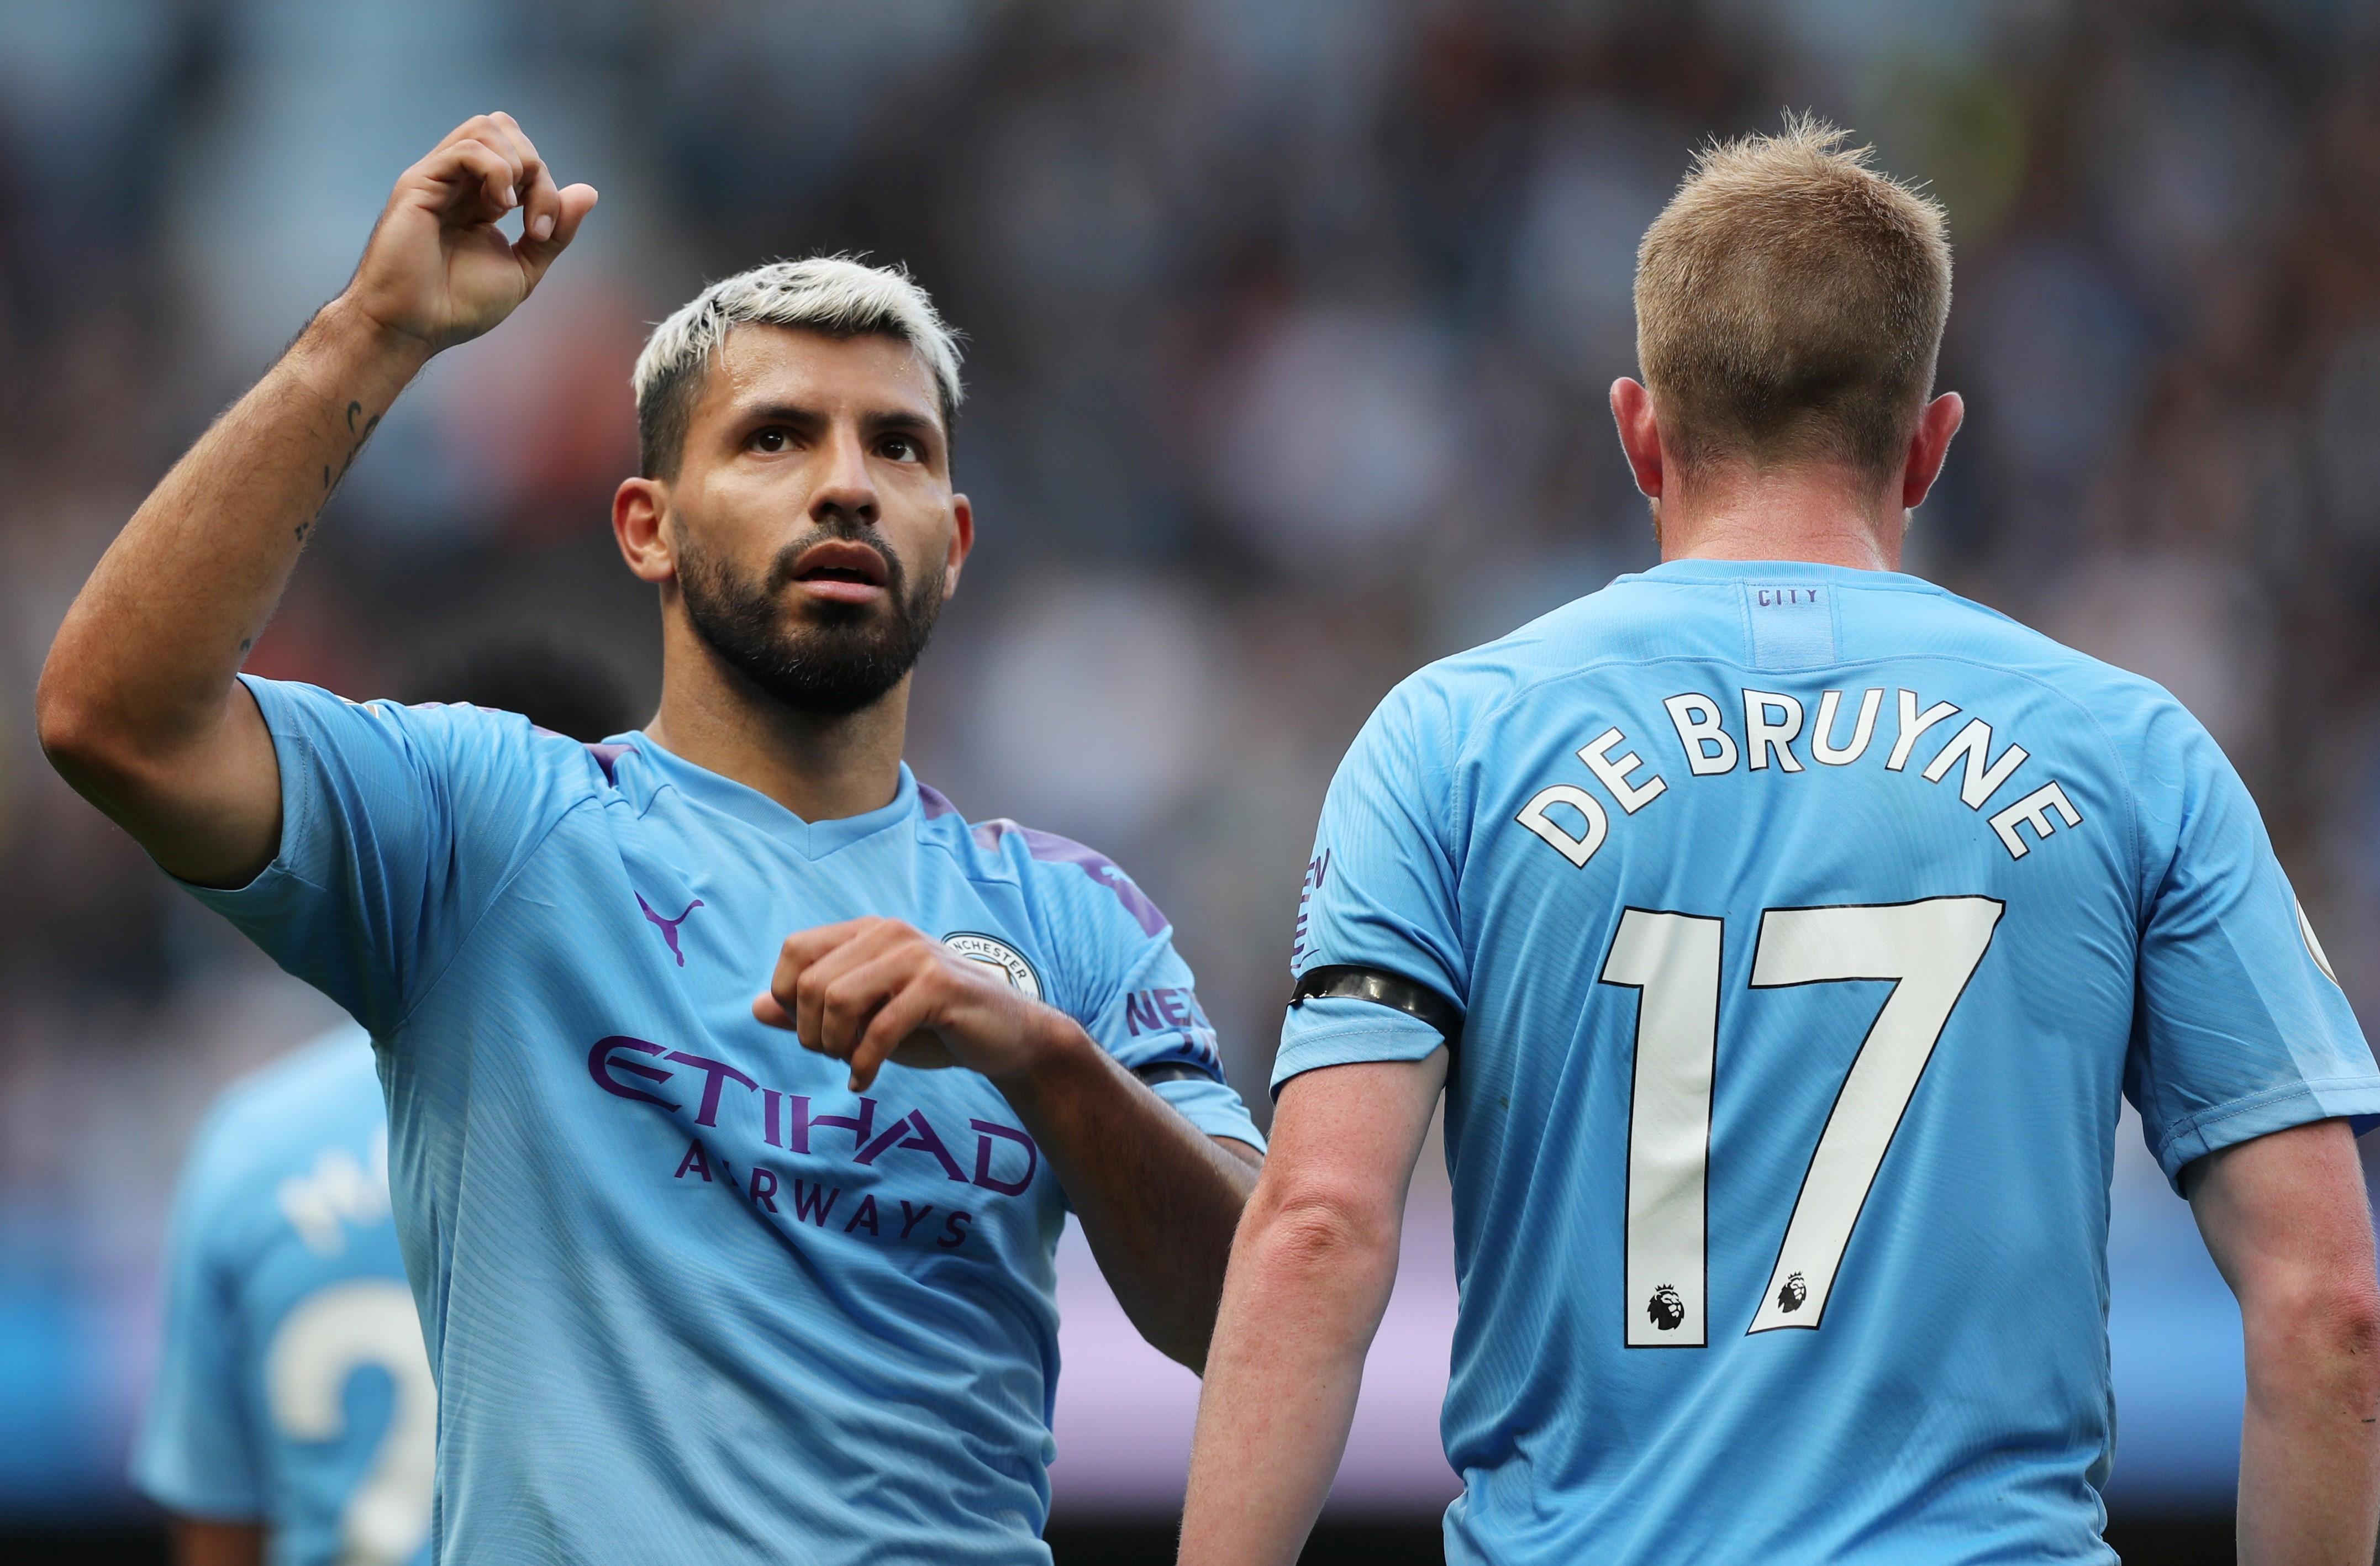 Football - Etranger - 2010-2020, les plus beaux buts de la décennie de Manchester City